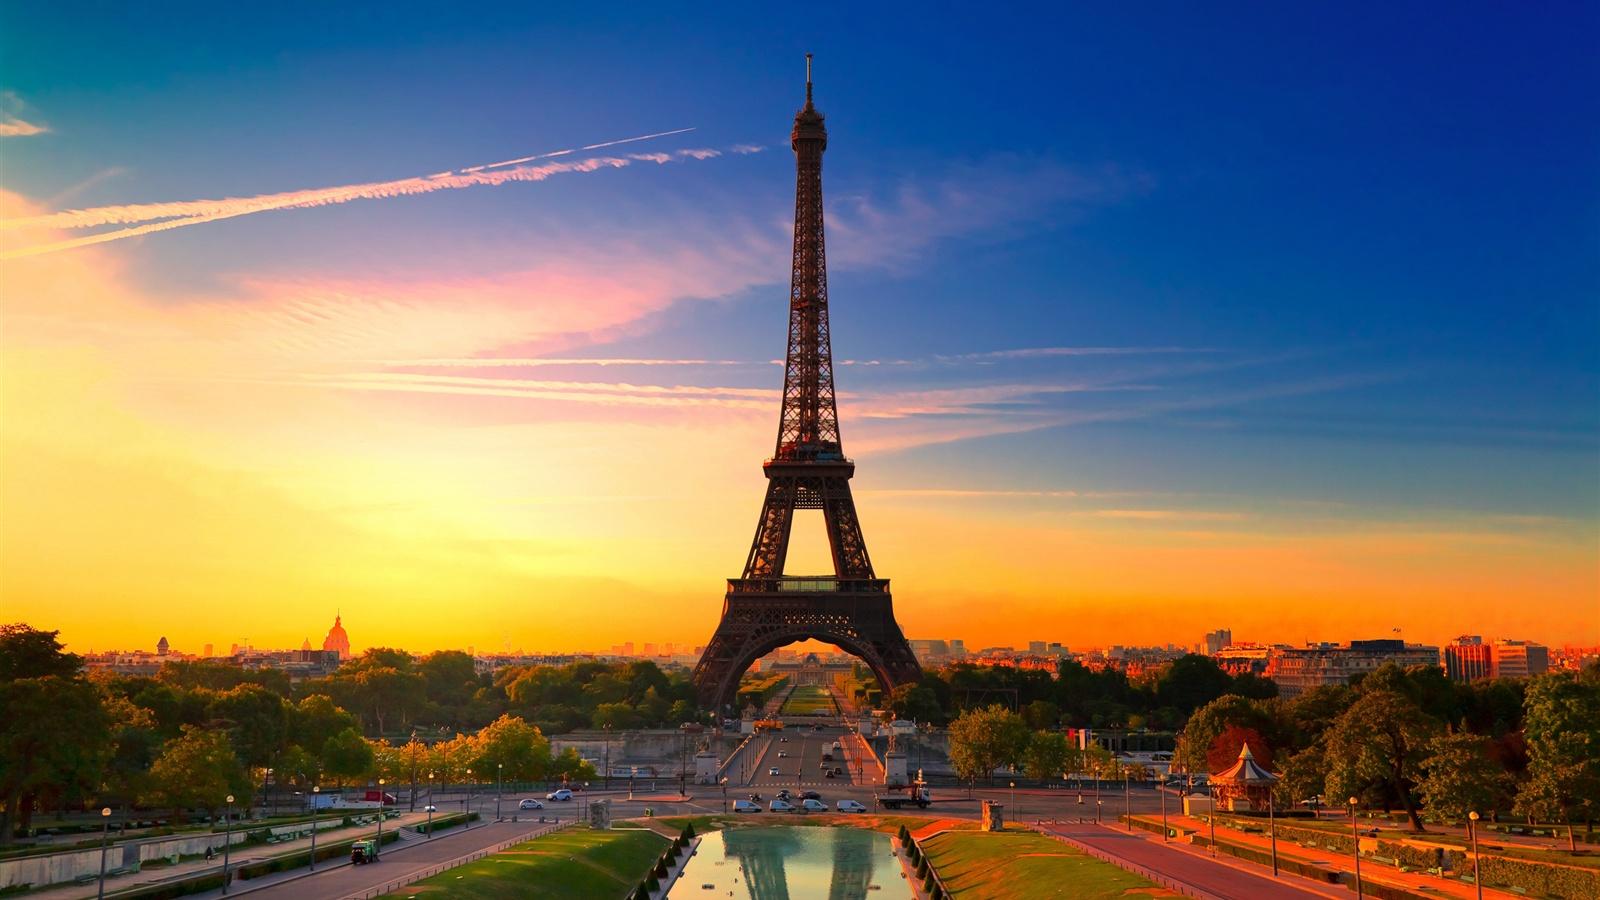 Hintergrundbilder Beschreibung: Stadt Paris Frankreich, Eiffelturm